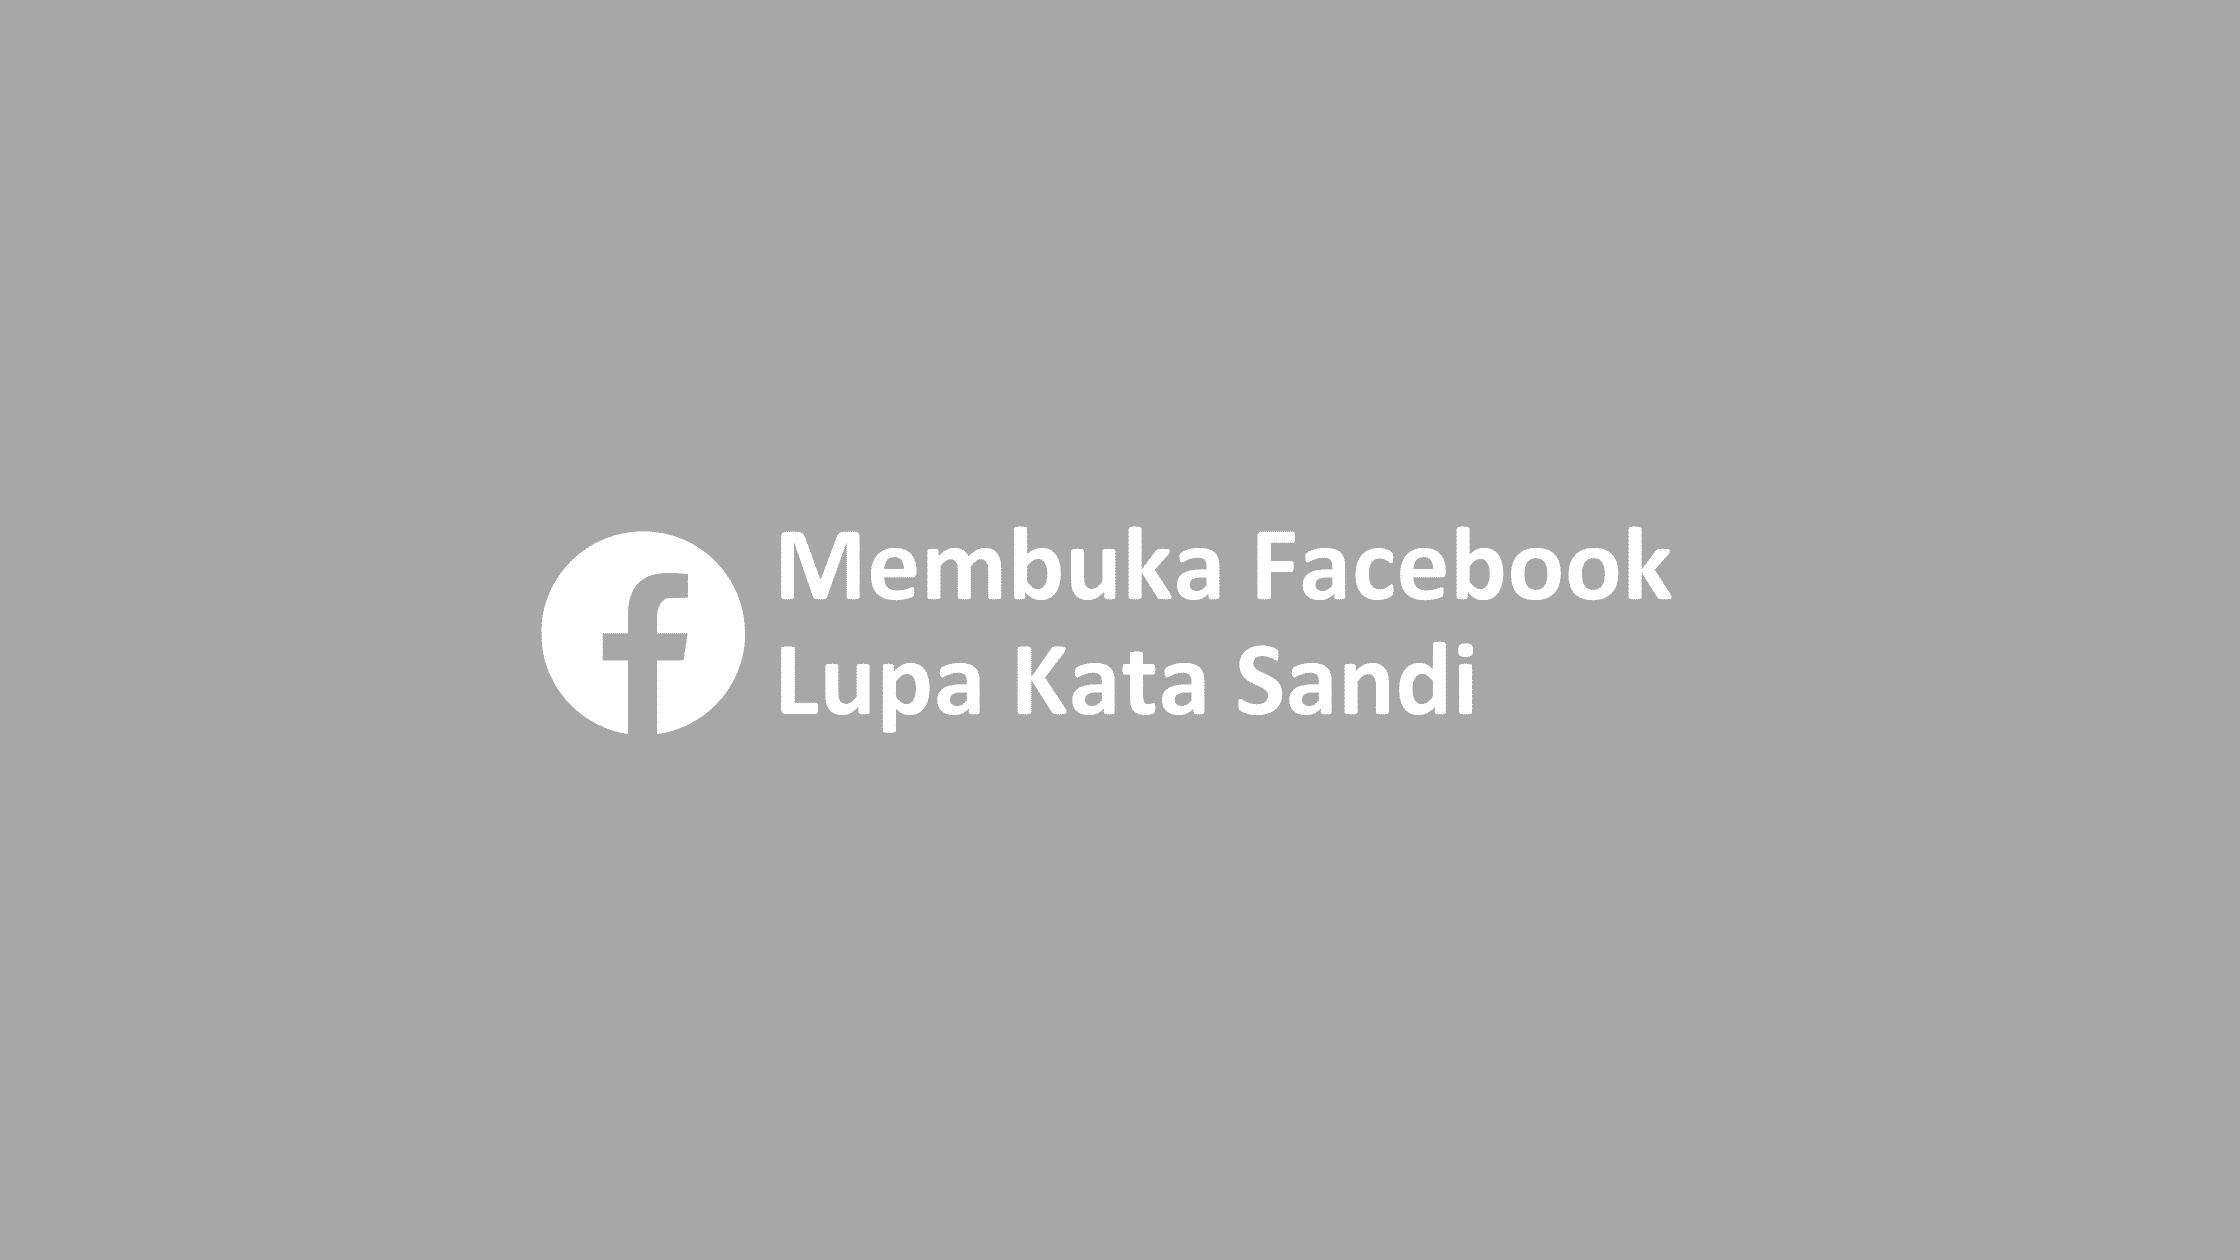 cara membuka facebook lupa kata sandi nomor hp tidak aktif